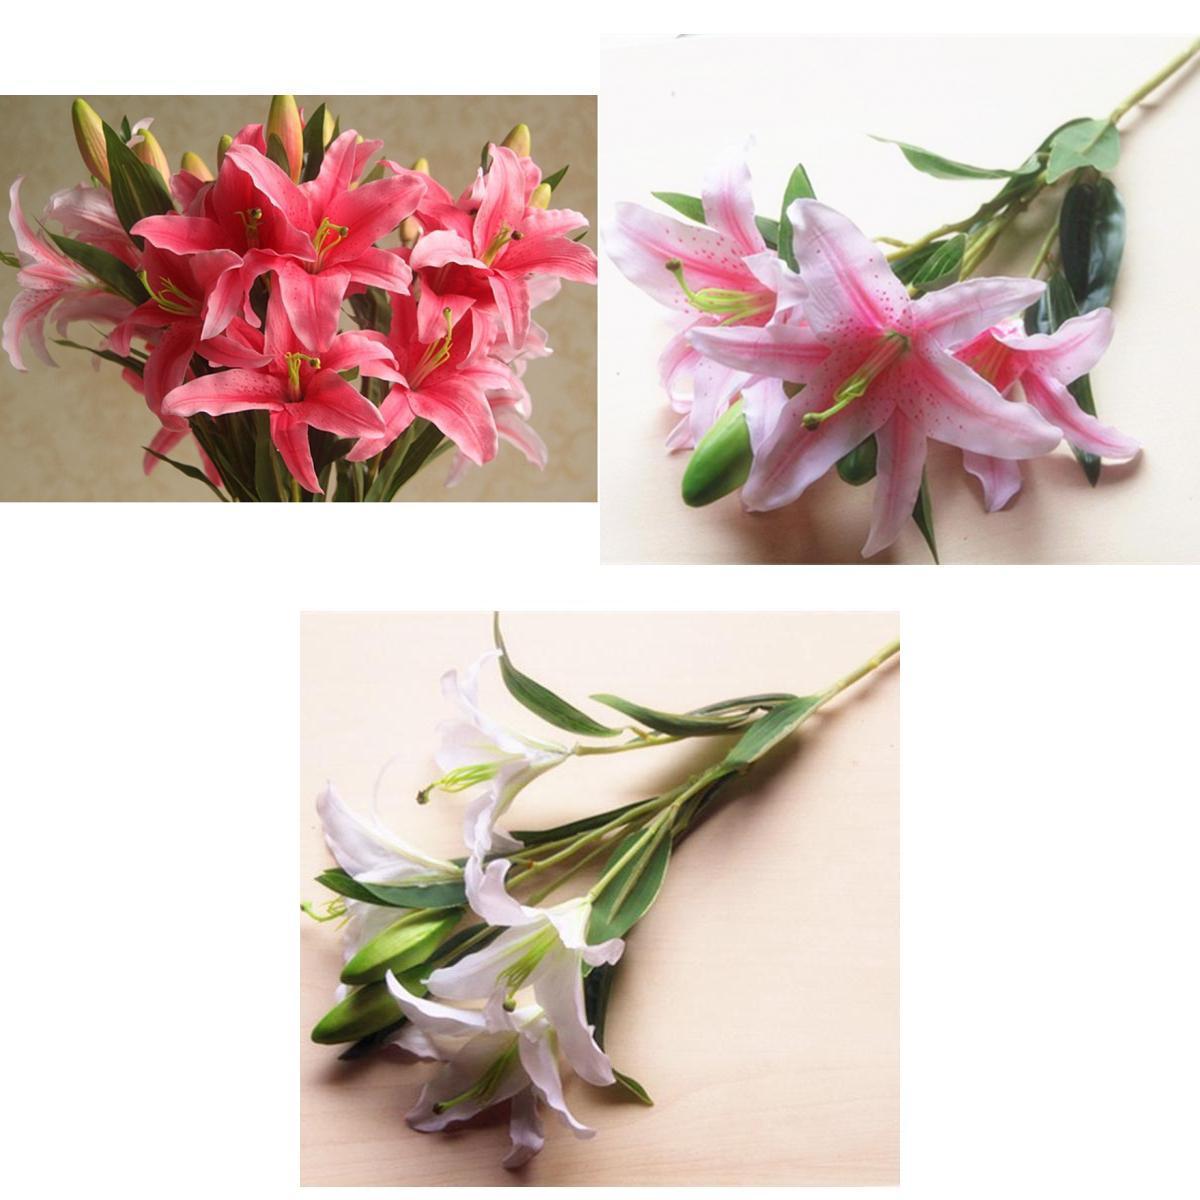 Wedding Bridal Bouquet Home Decor Diy Faux Flowers Arrangement White